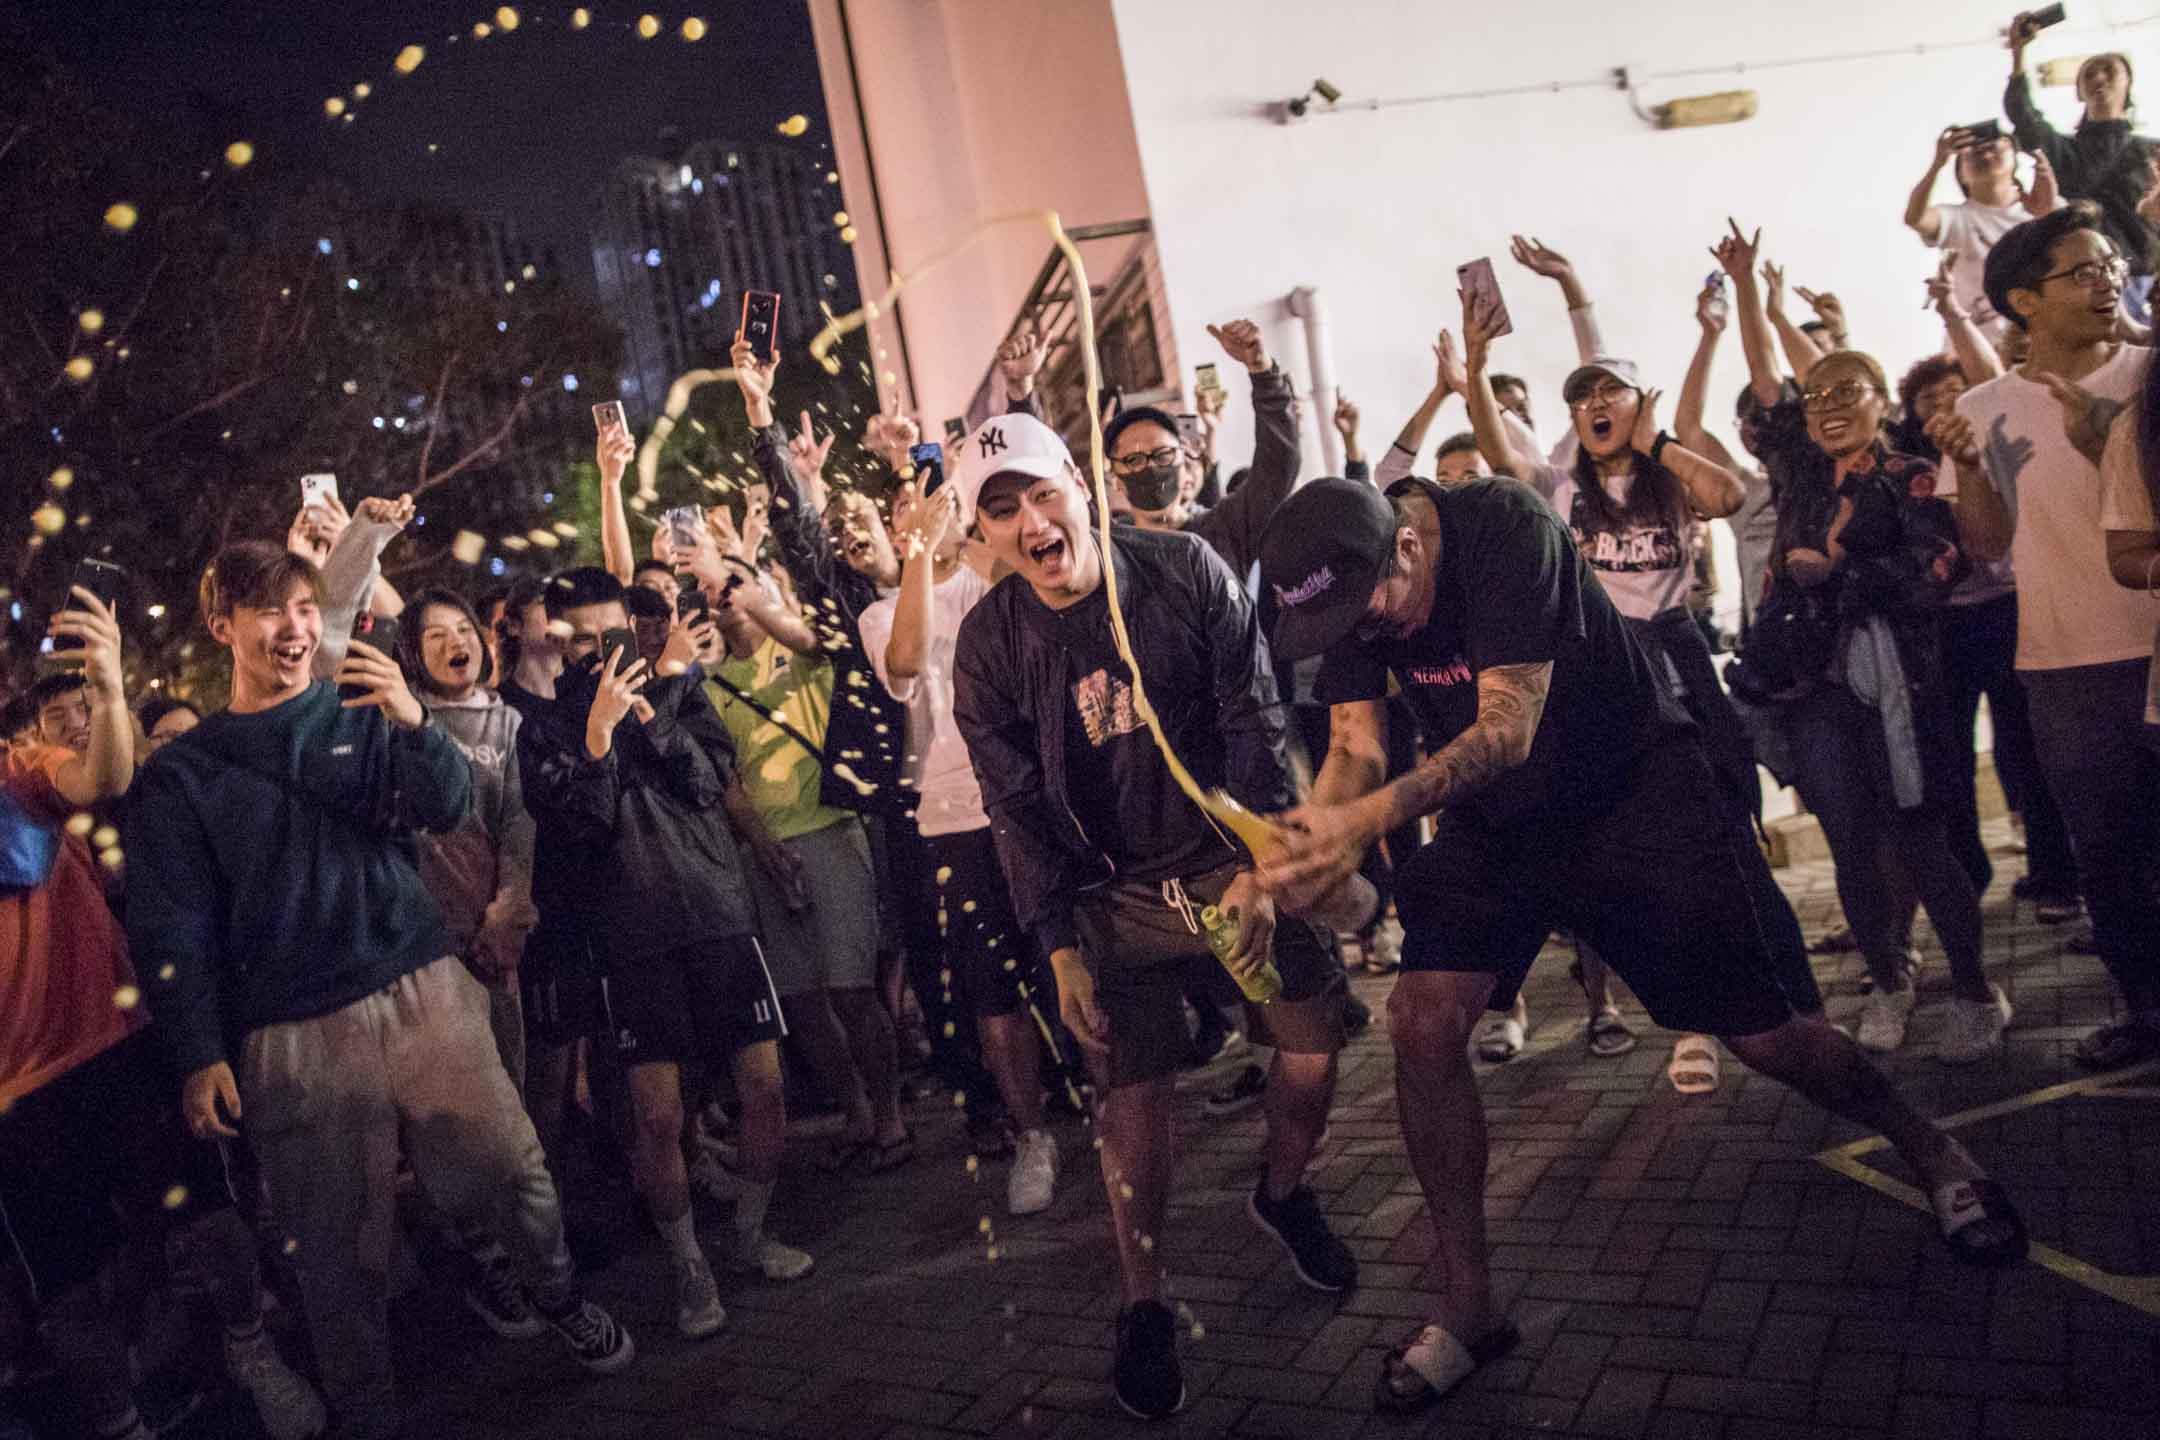 2019年11月25日凌晨,屯門樂翠選區區議會點票結果出爐,何君堯落敗,站外大批市民開香檳慶祝。 攝:陳焯煇/端傳媒